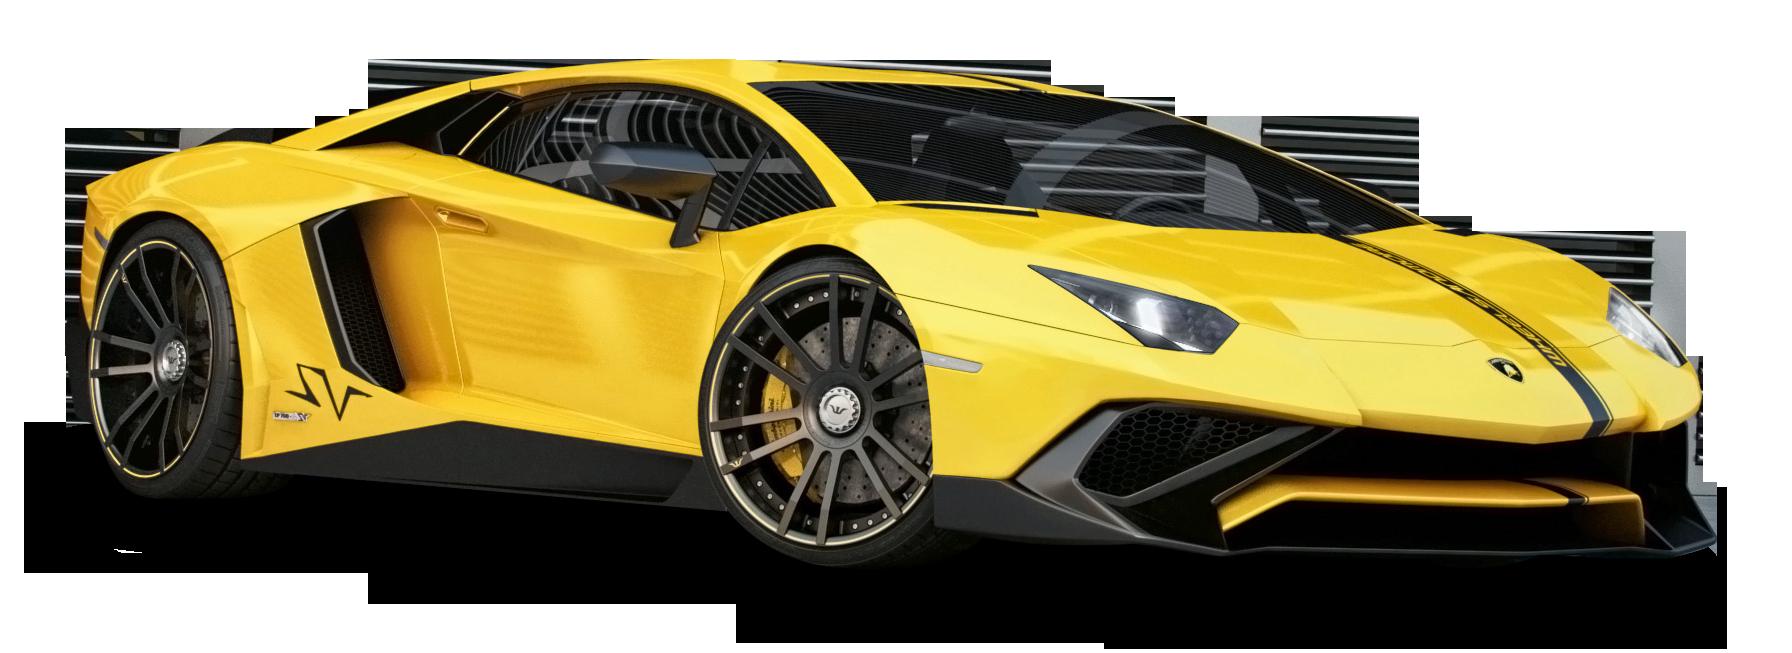 Lamborghini HD PNG - 91933